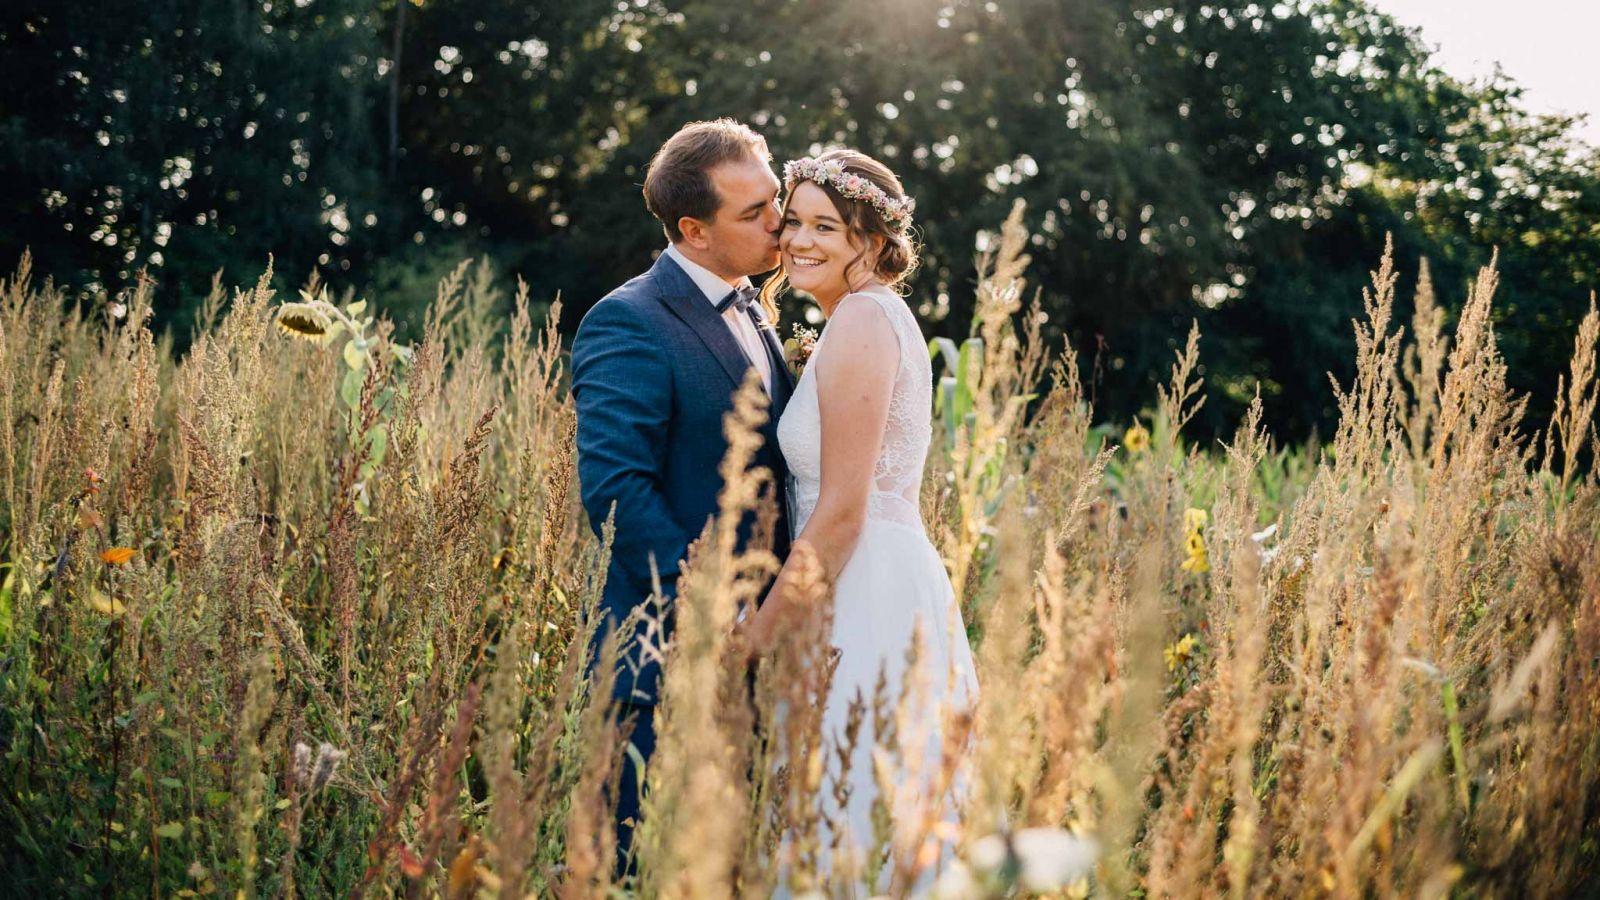 Heiraten von Laer Herford - Freie Trauung von Laer Herford